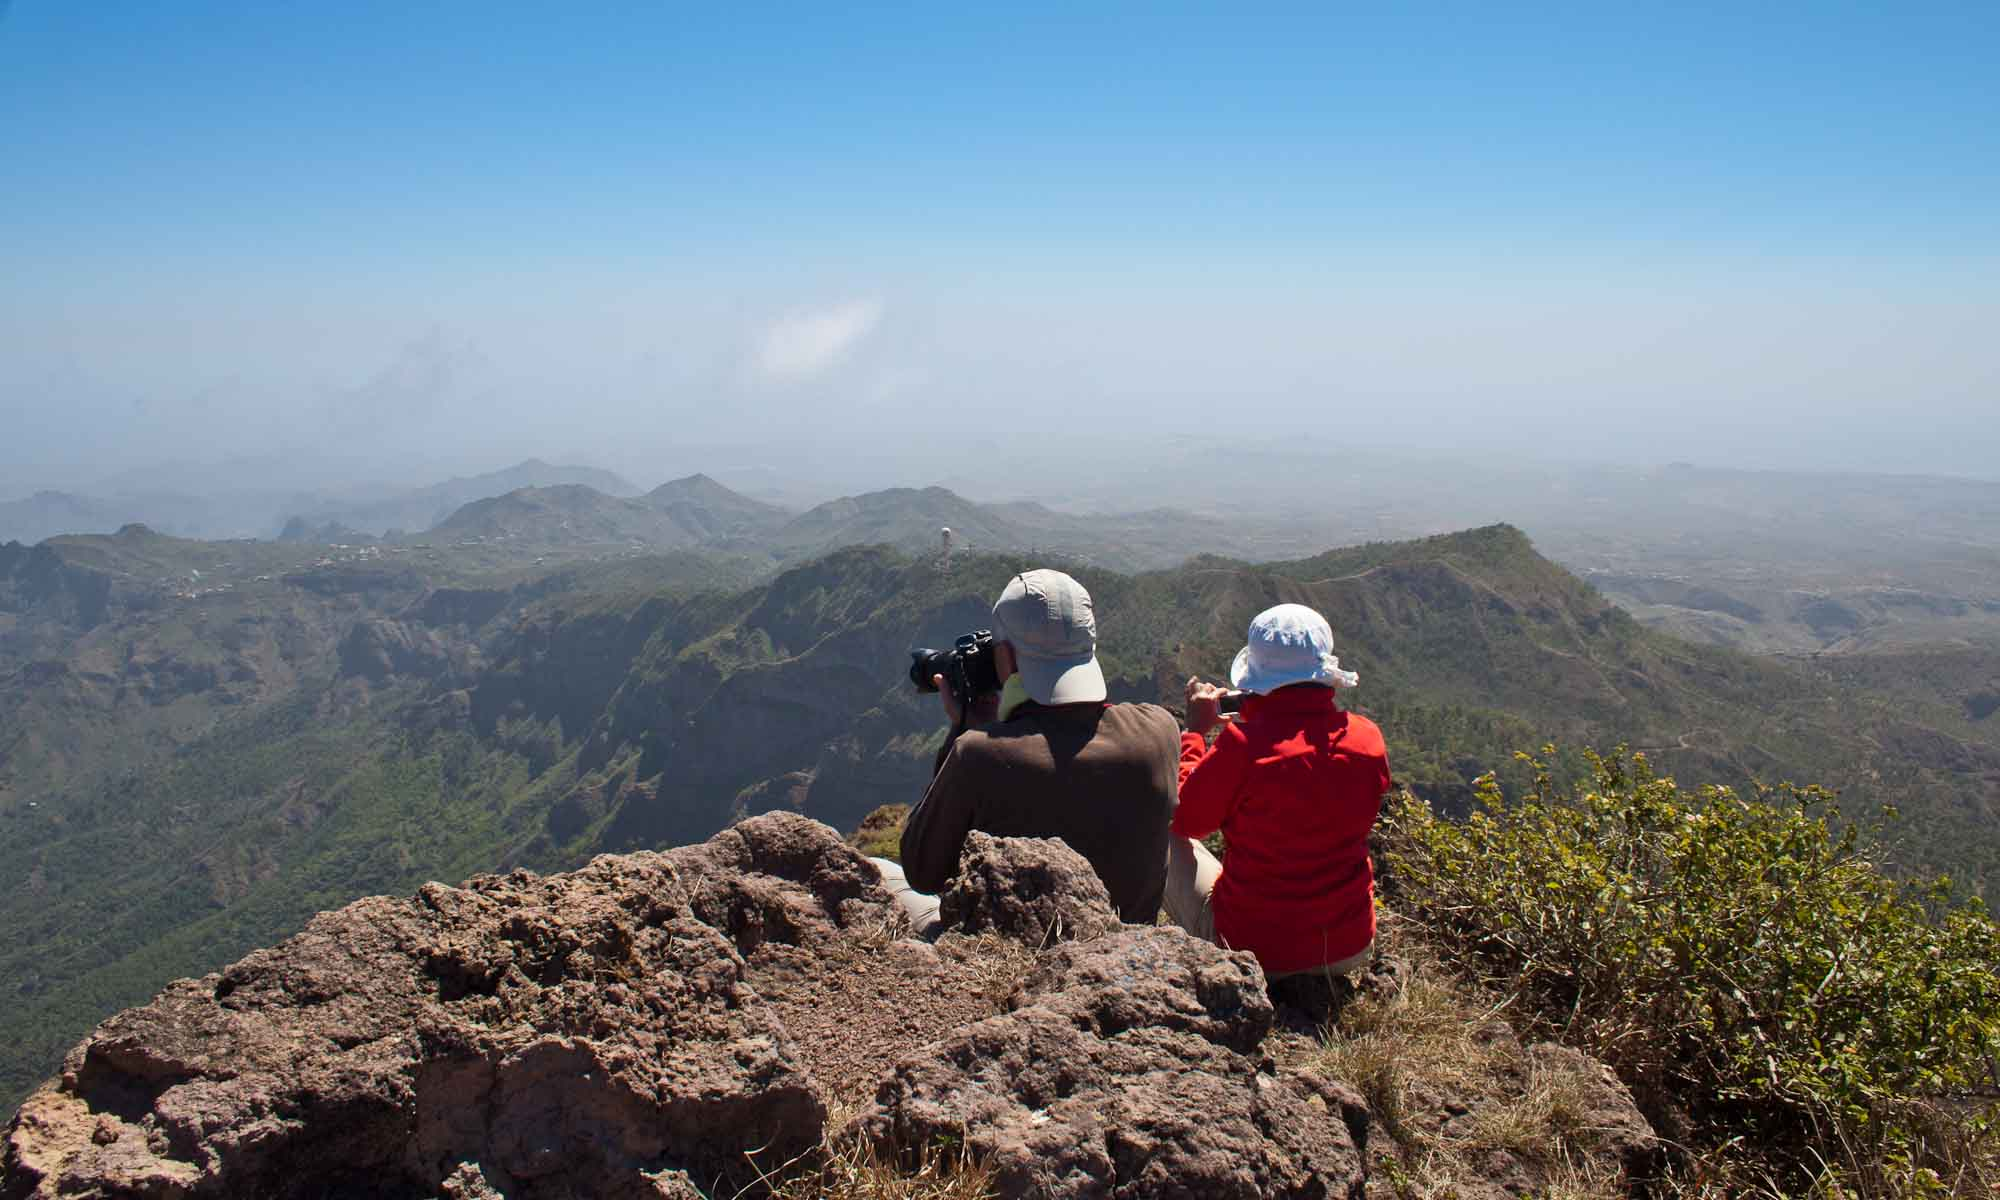 Bijna op de Pico d'Antonio met gigantische vergezichten rondom!